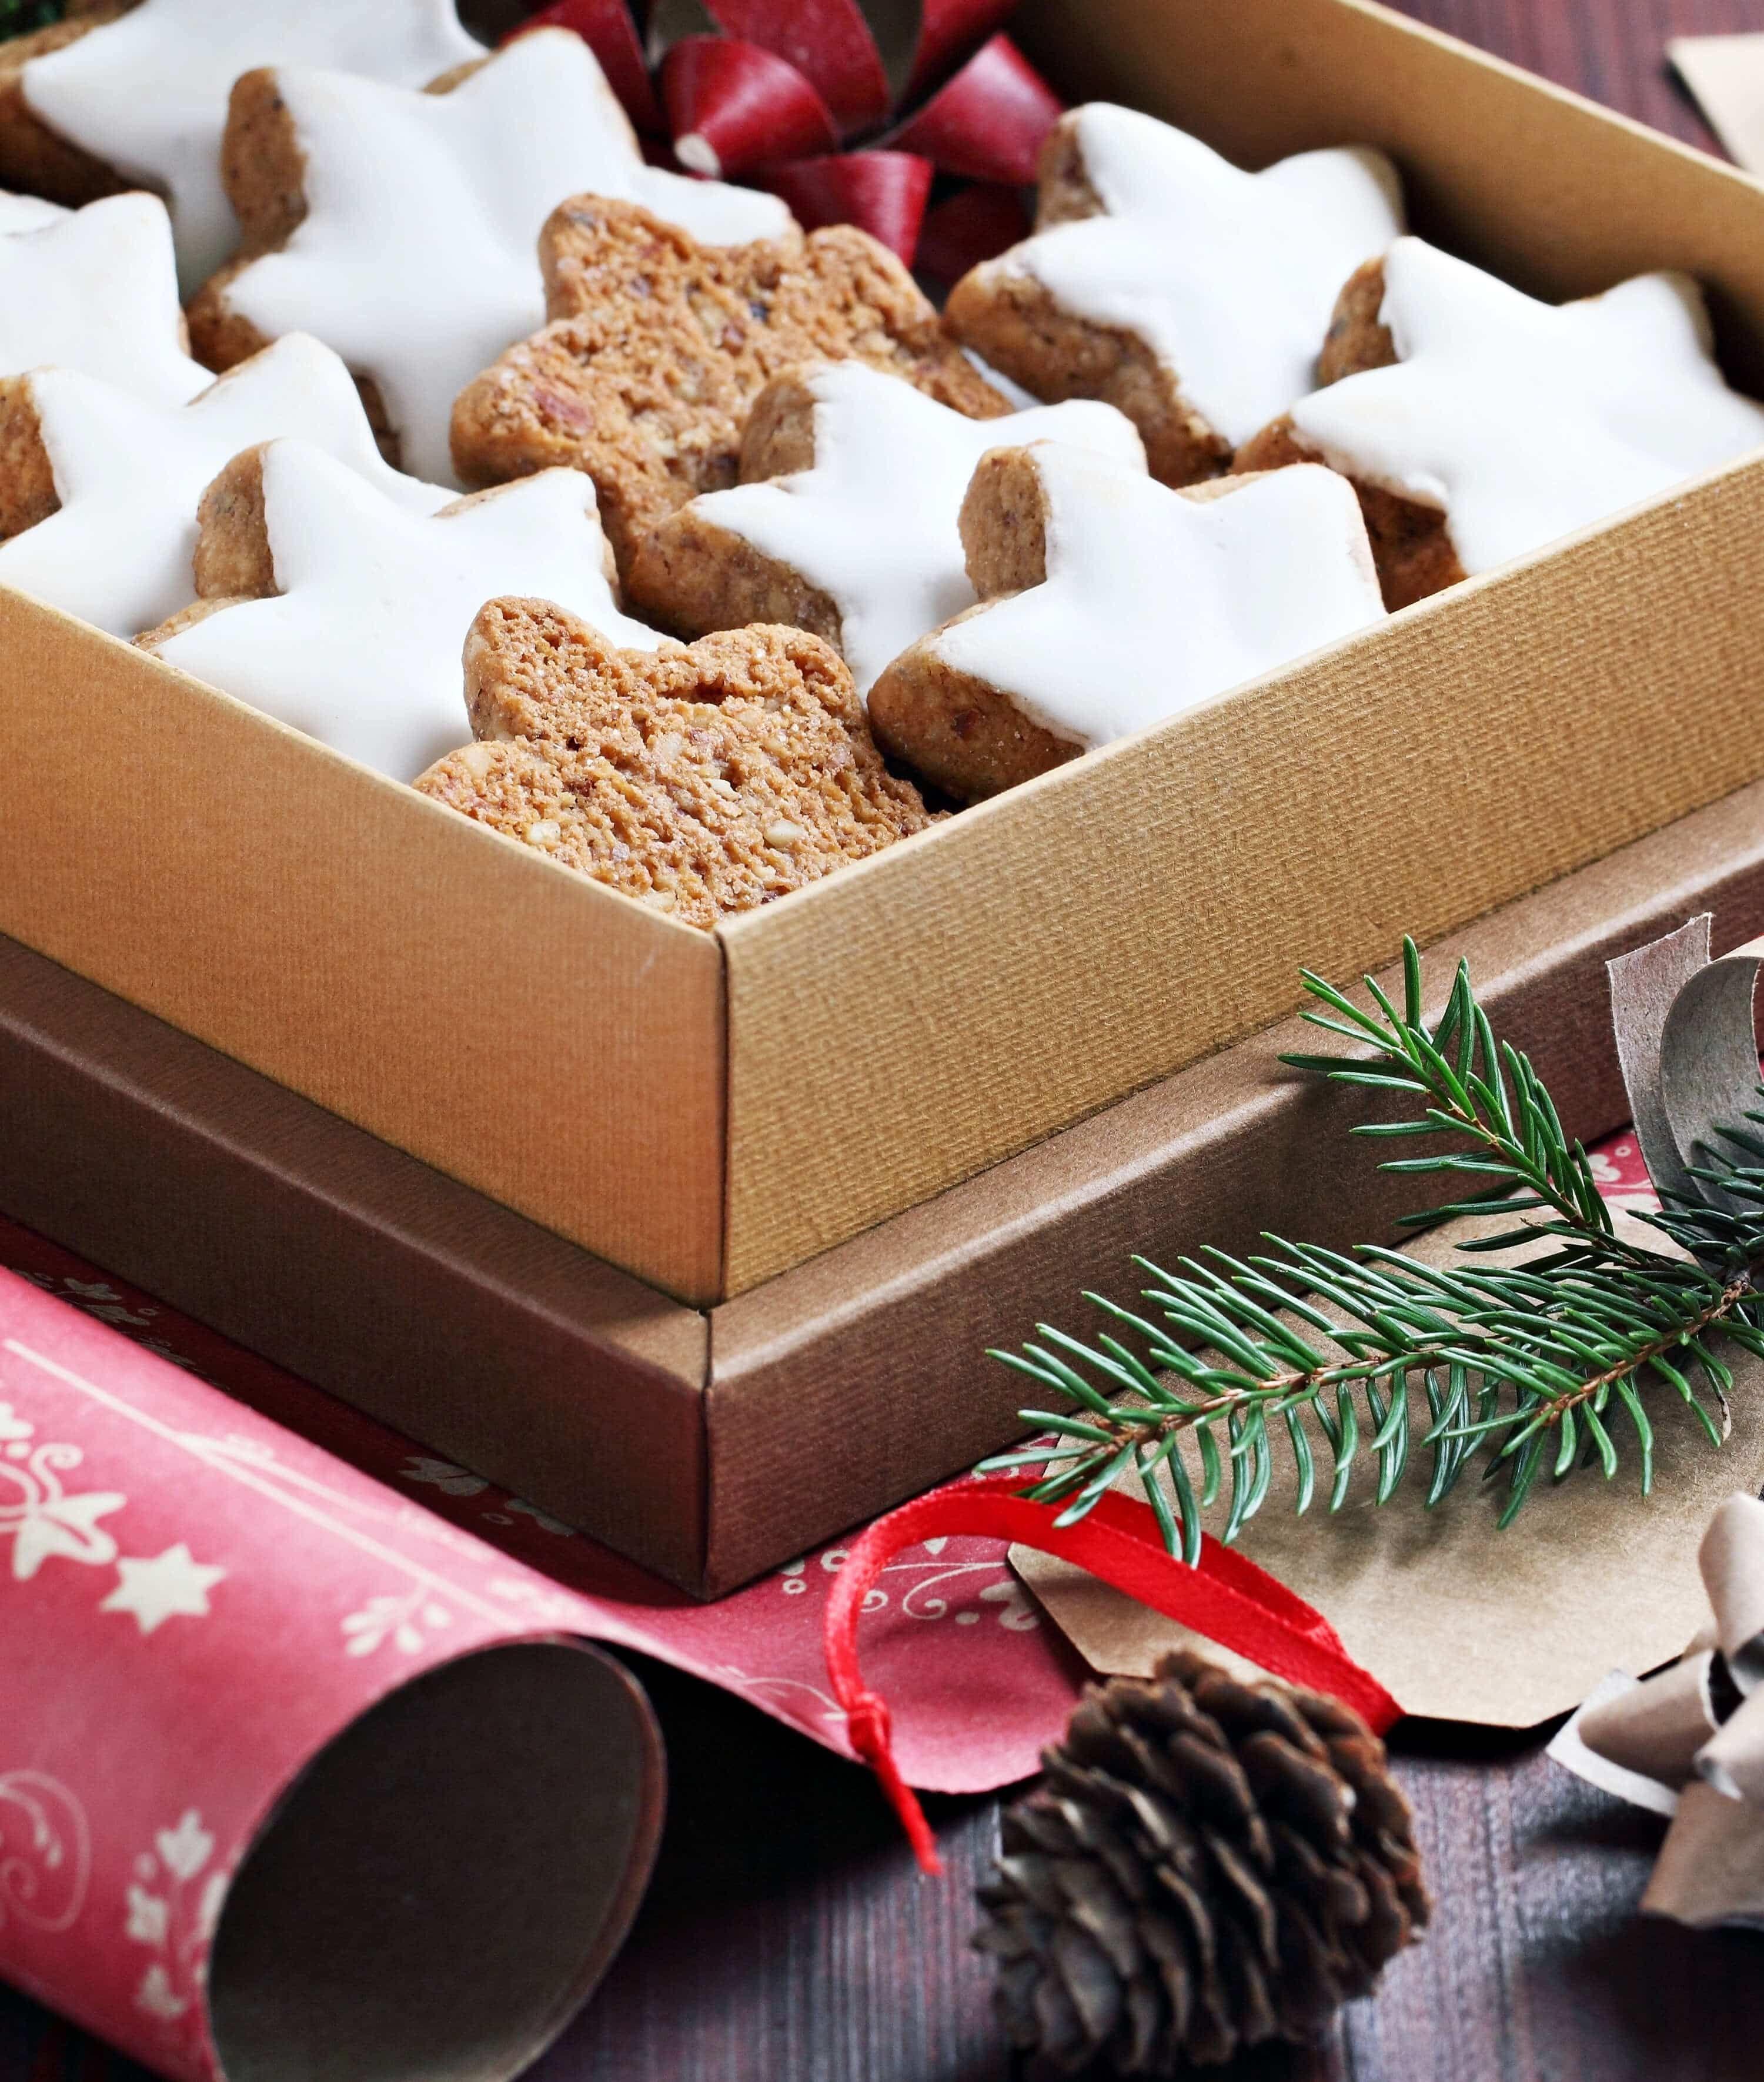 Zimtsterne German Cinnamon Star Cookies